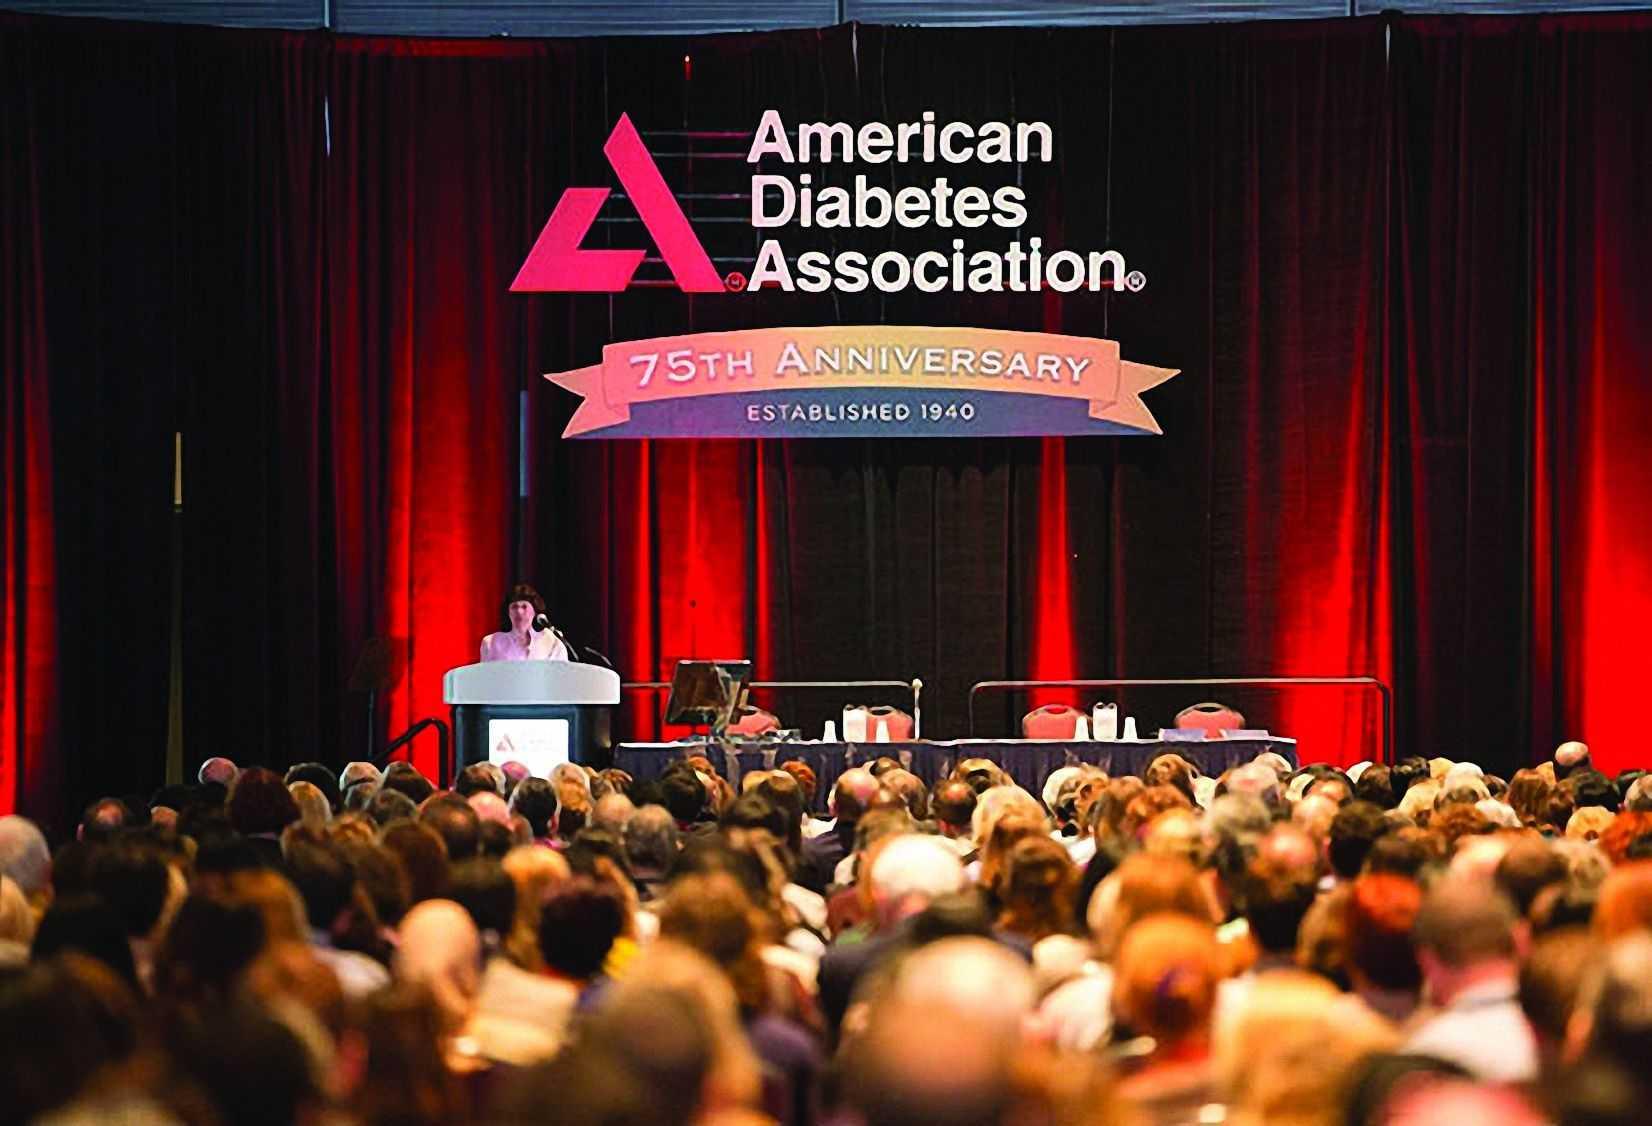 Американская диабетическая ассоциация